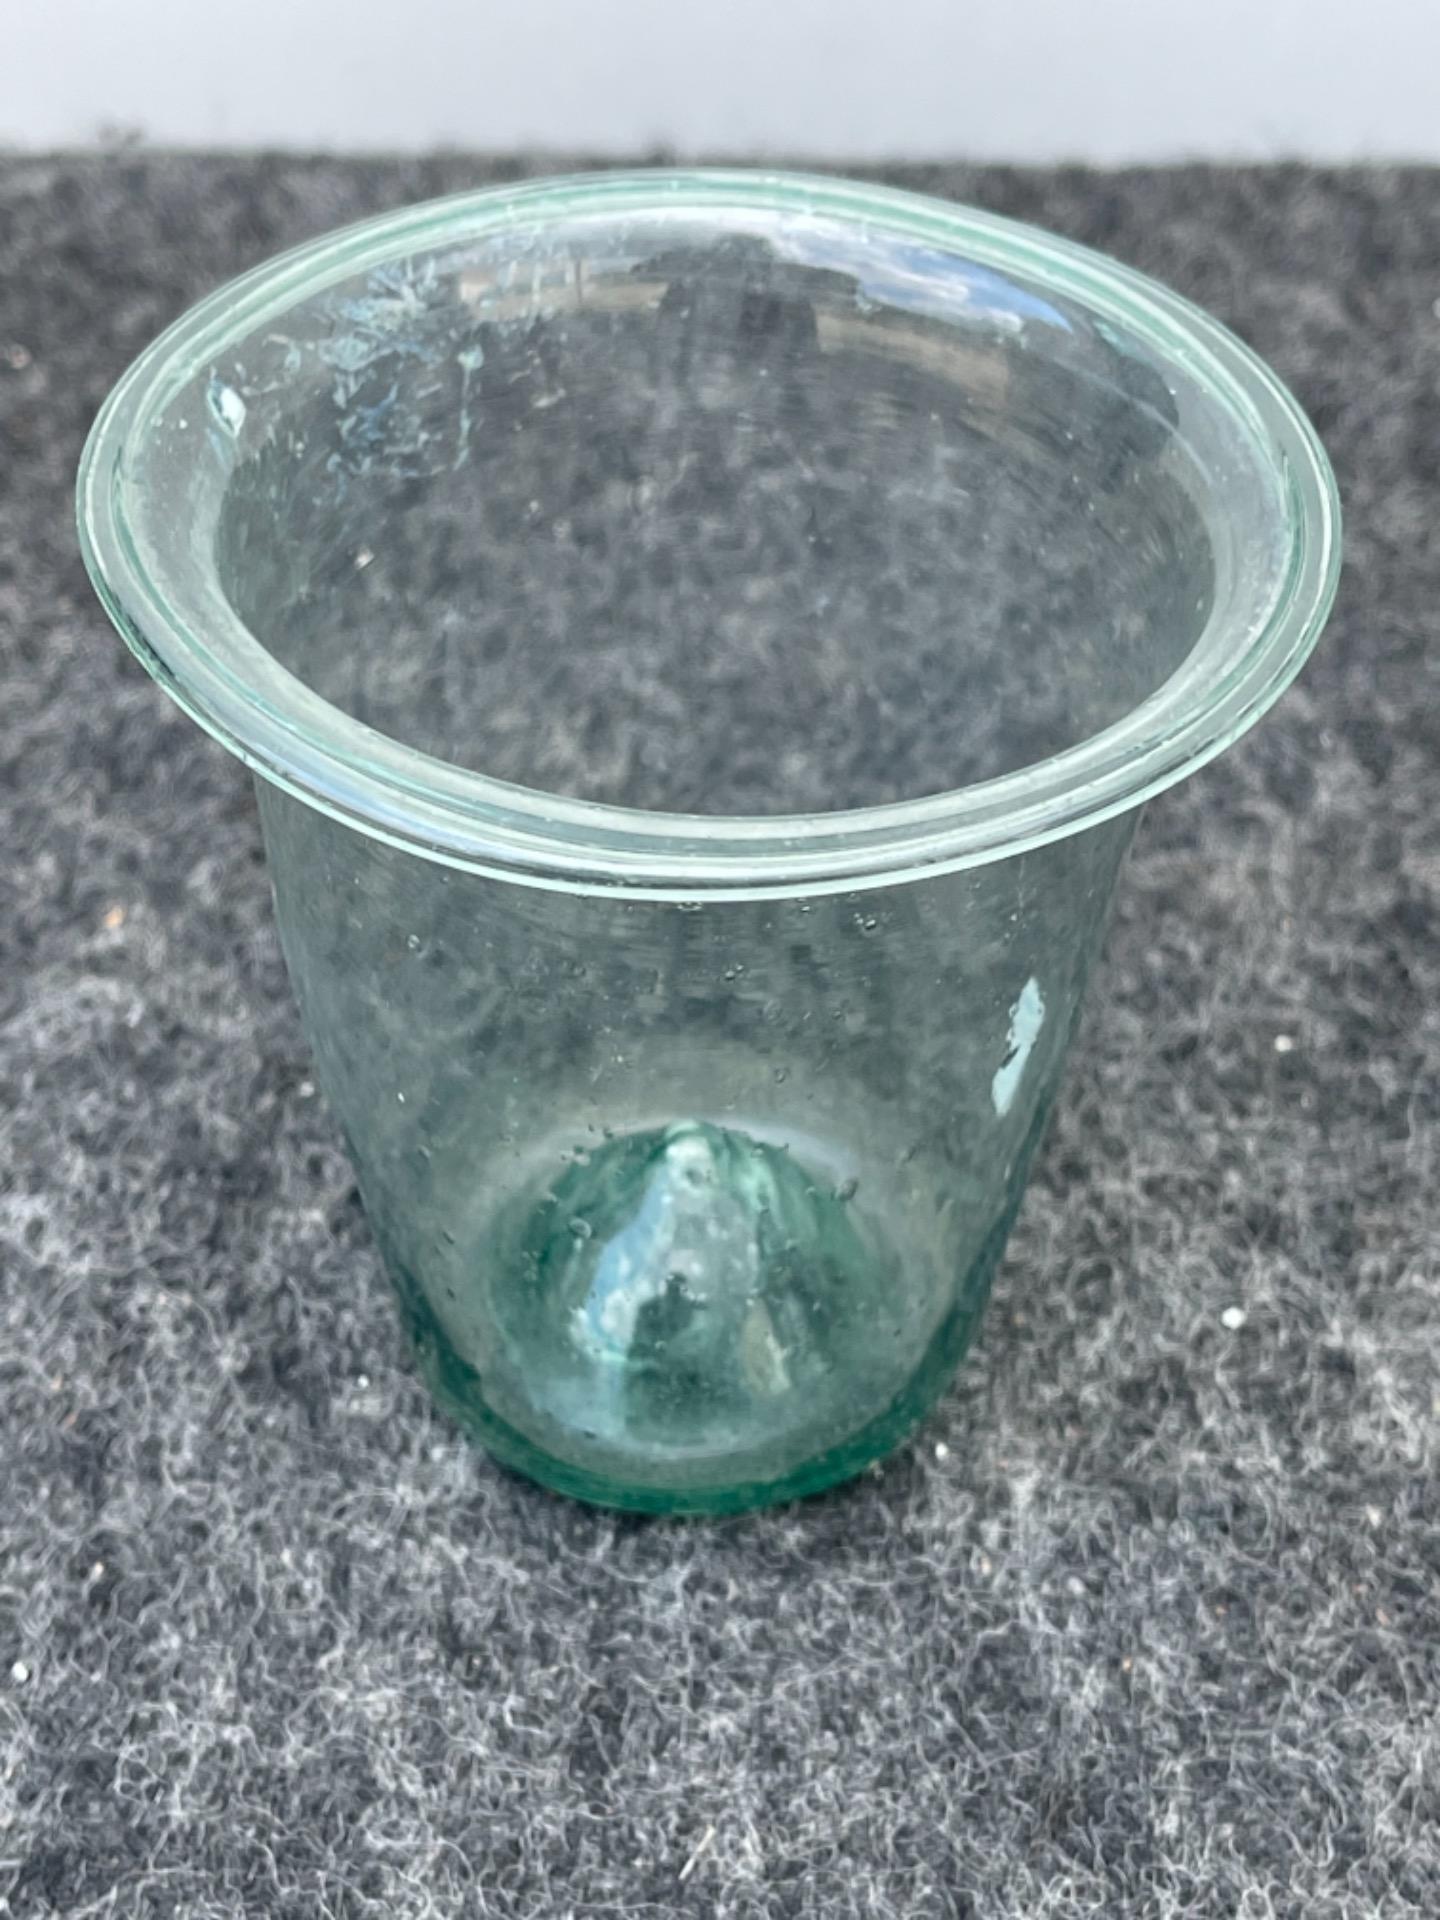 thumb5 Vasetto in vetro soffiato leggero da farmacia.Modena